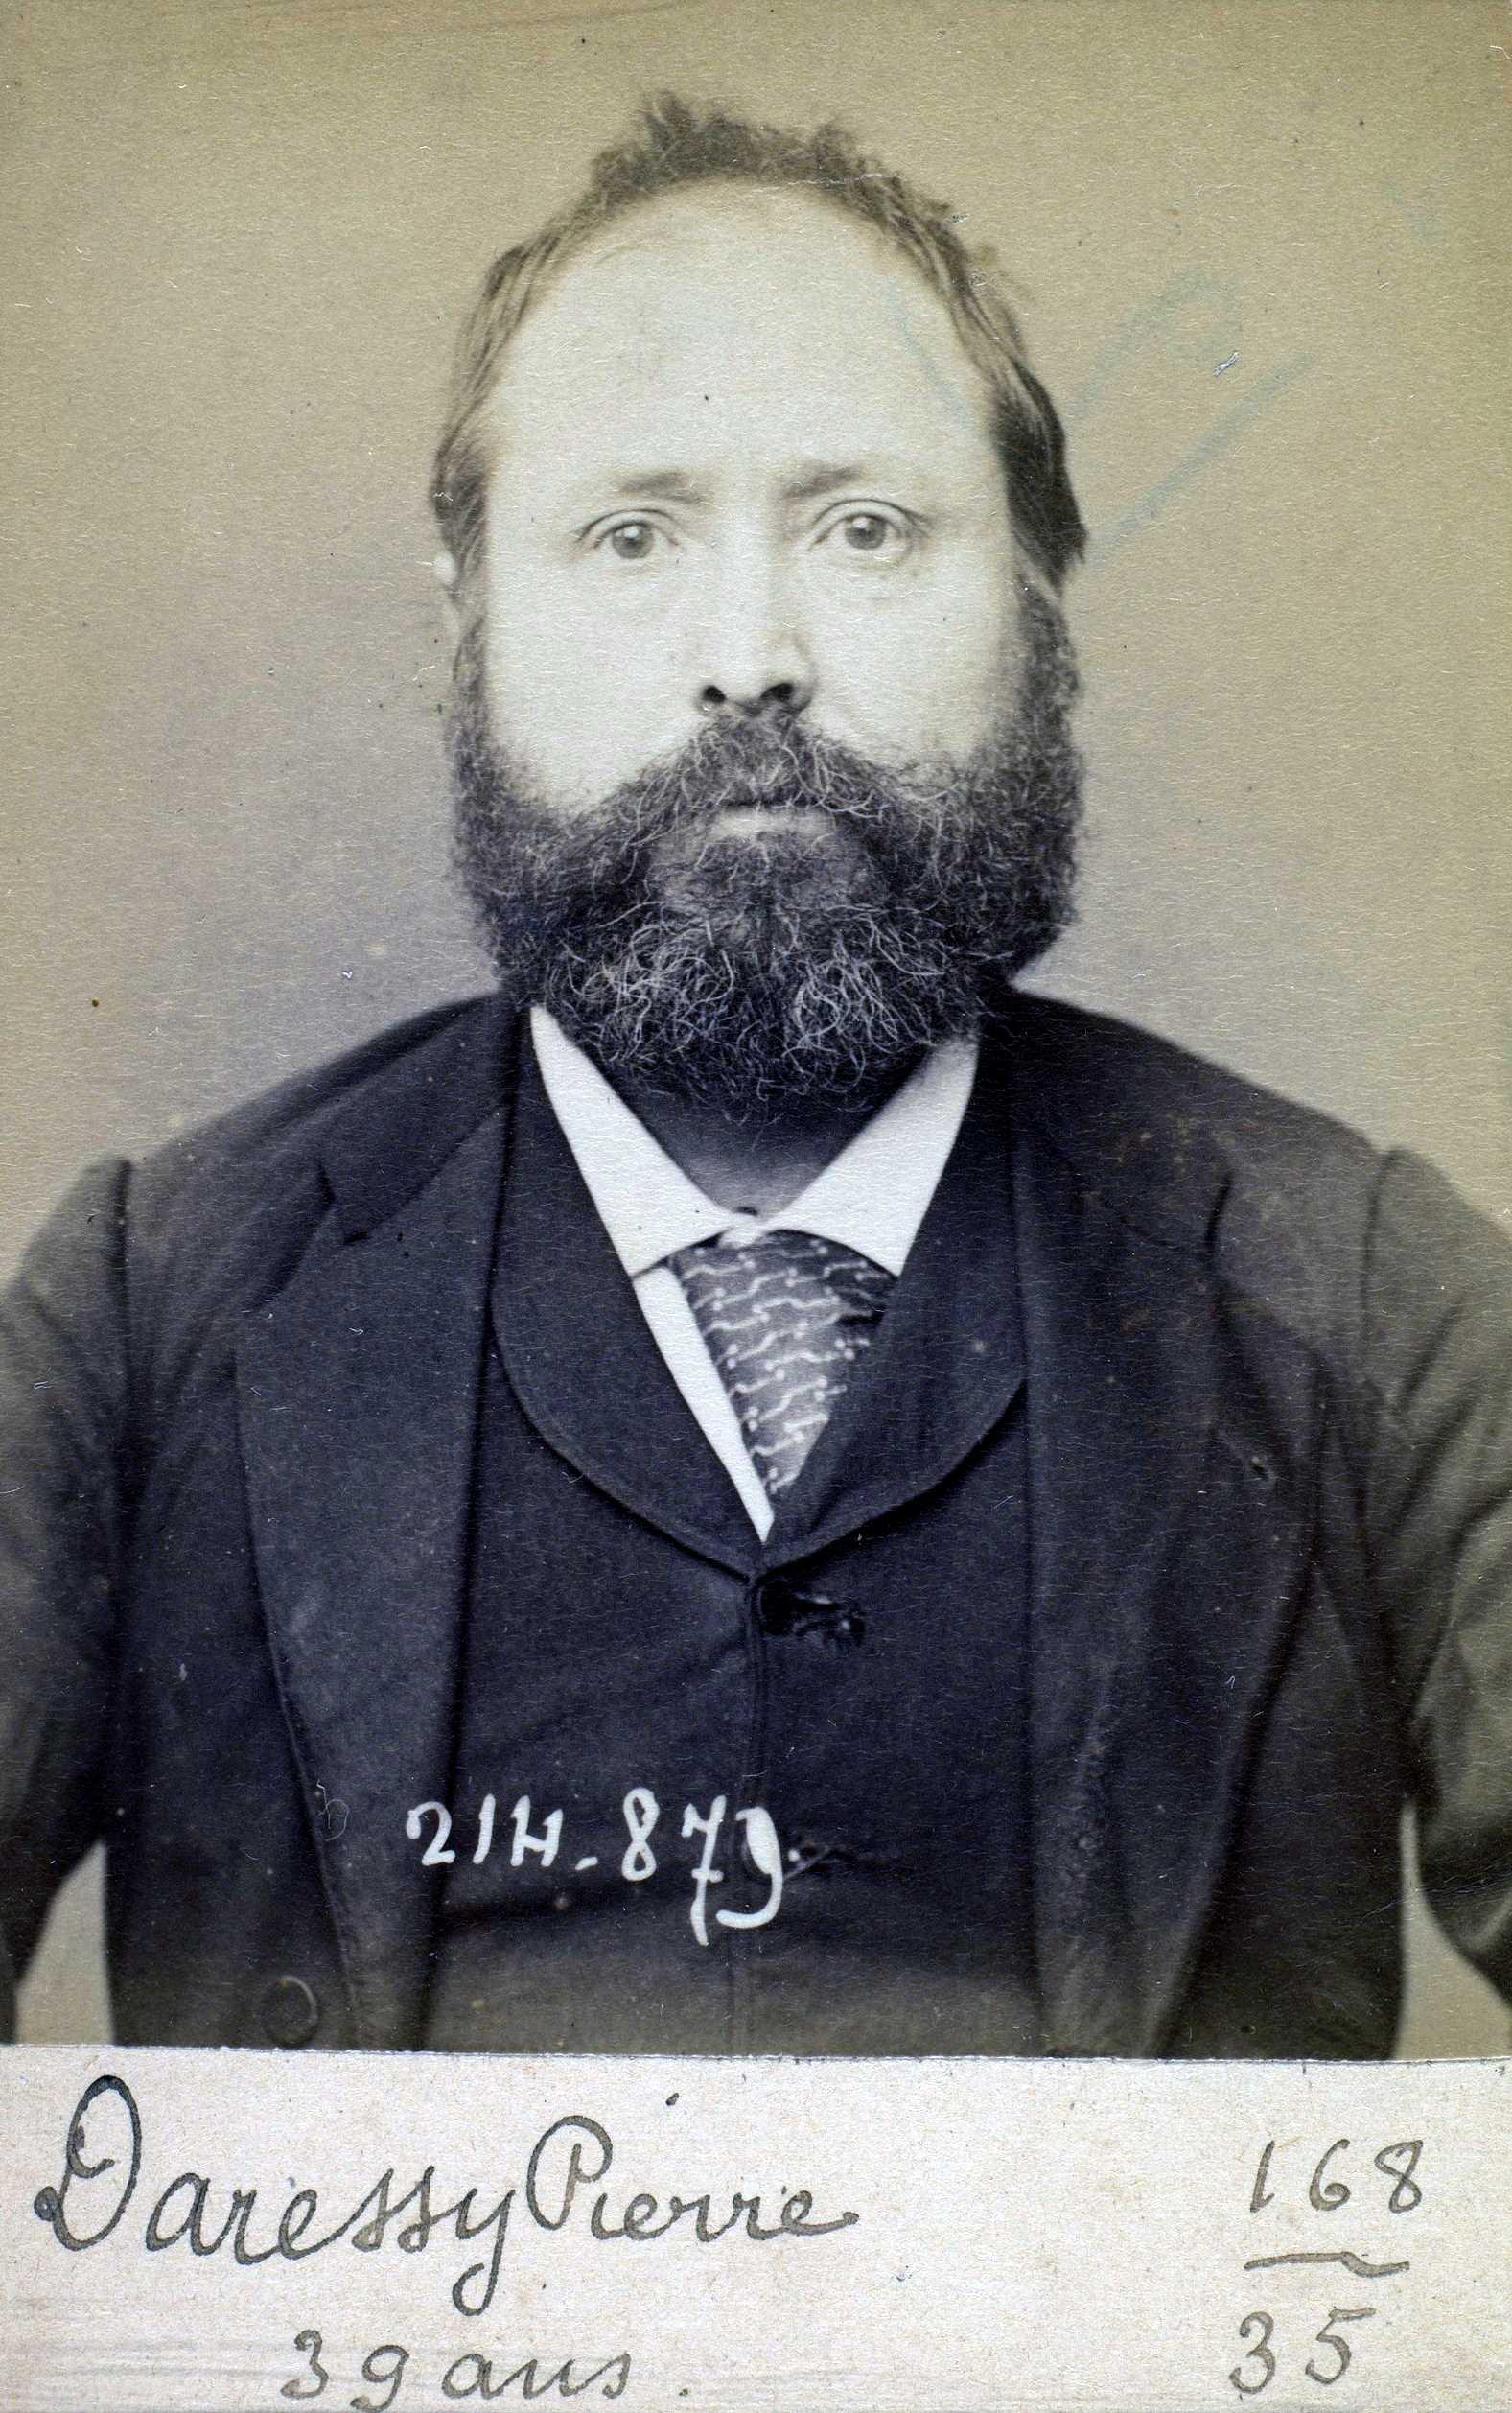 Foto policíaca de Pierre Daressy (28 de febrer de 1894)